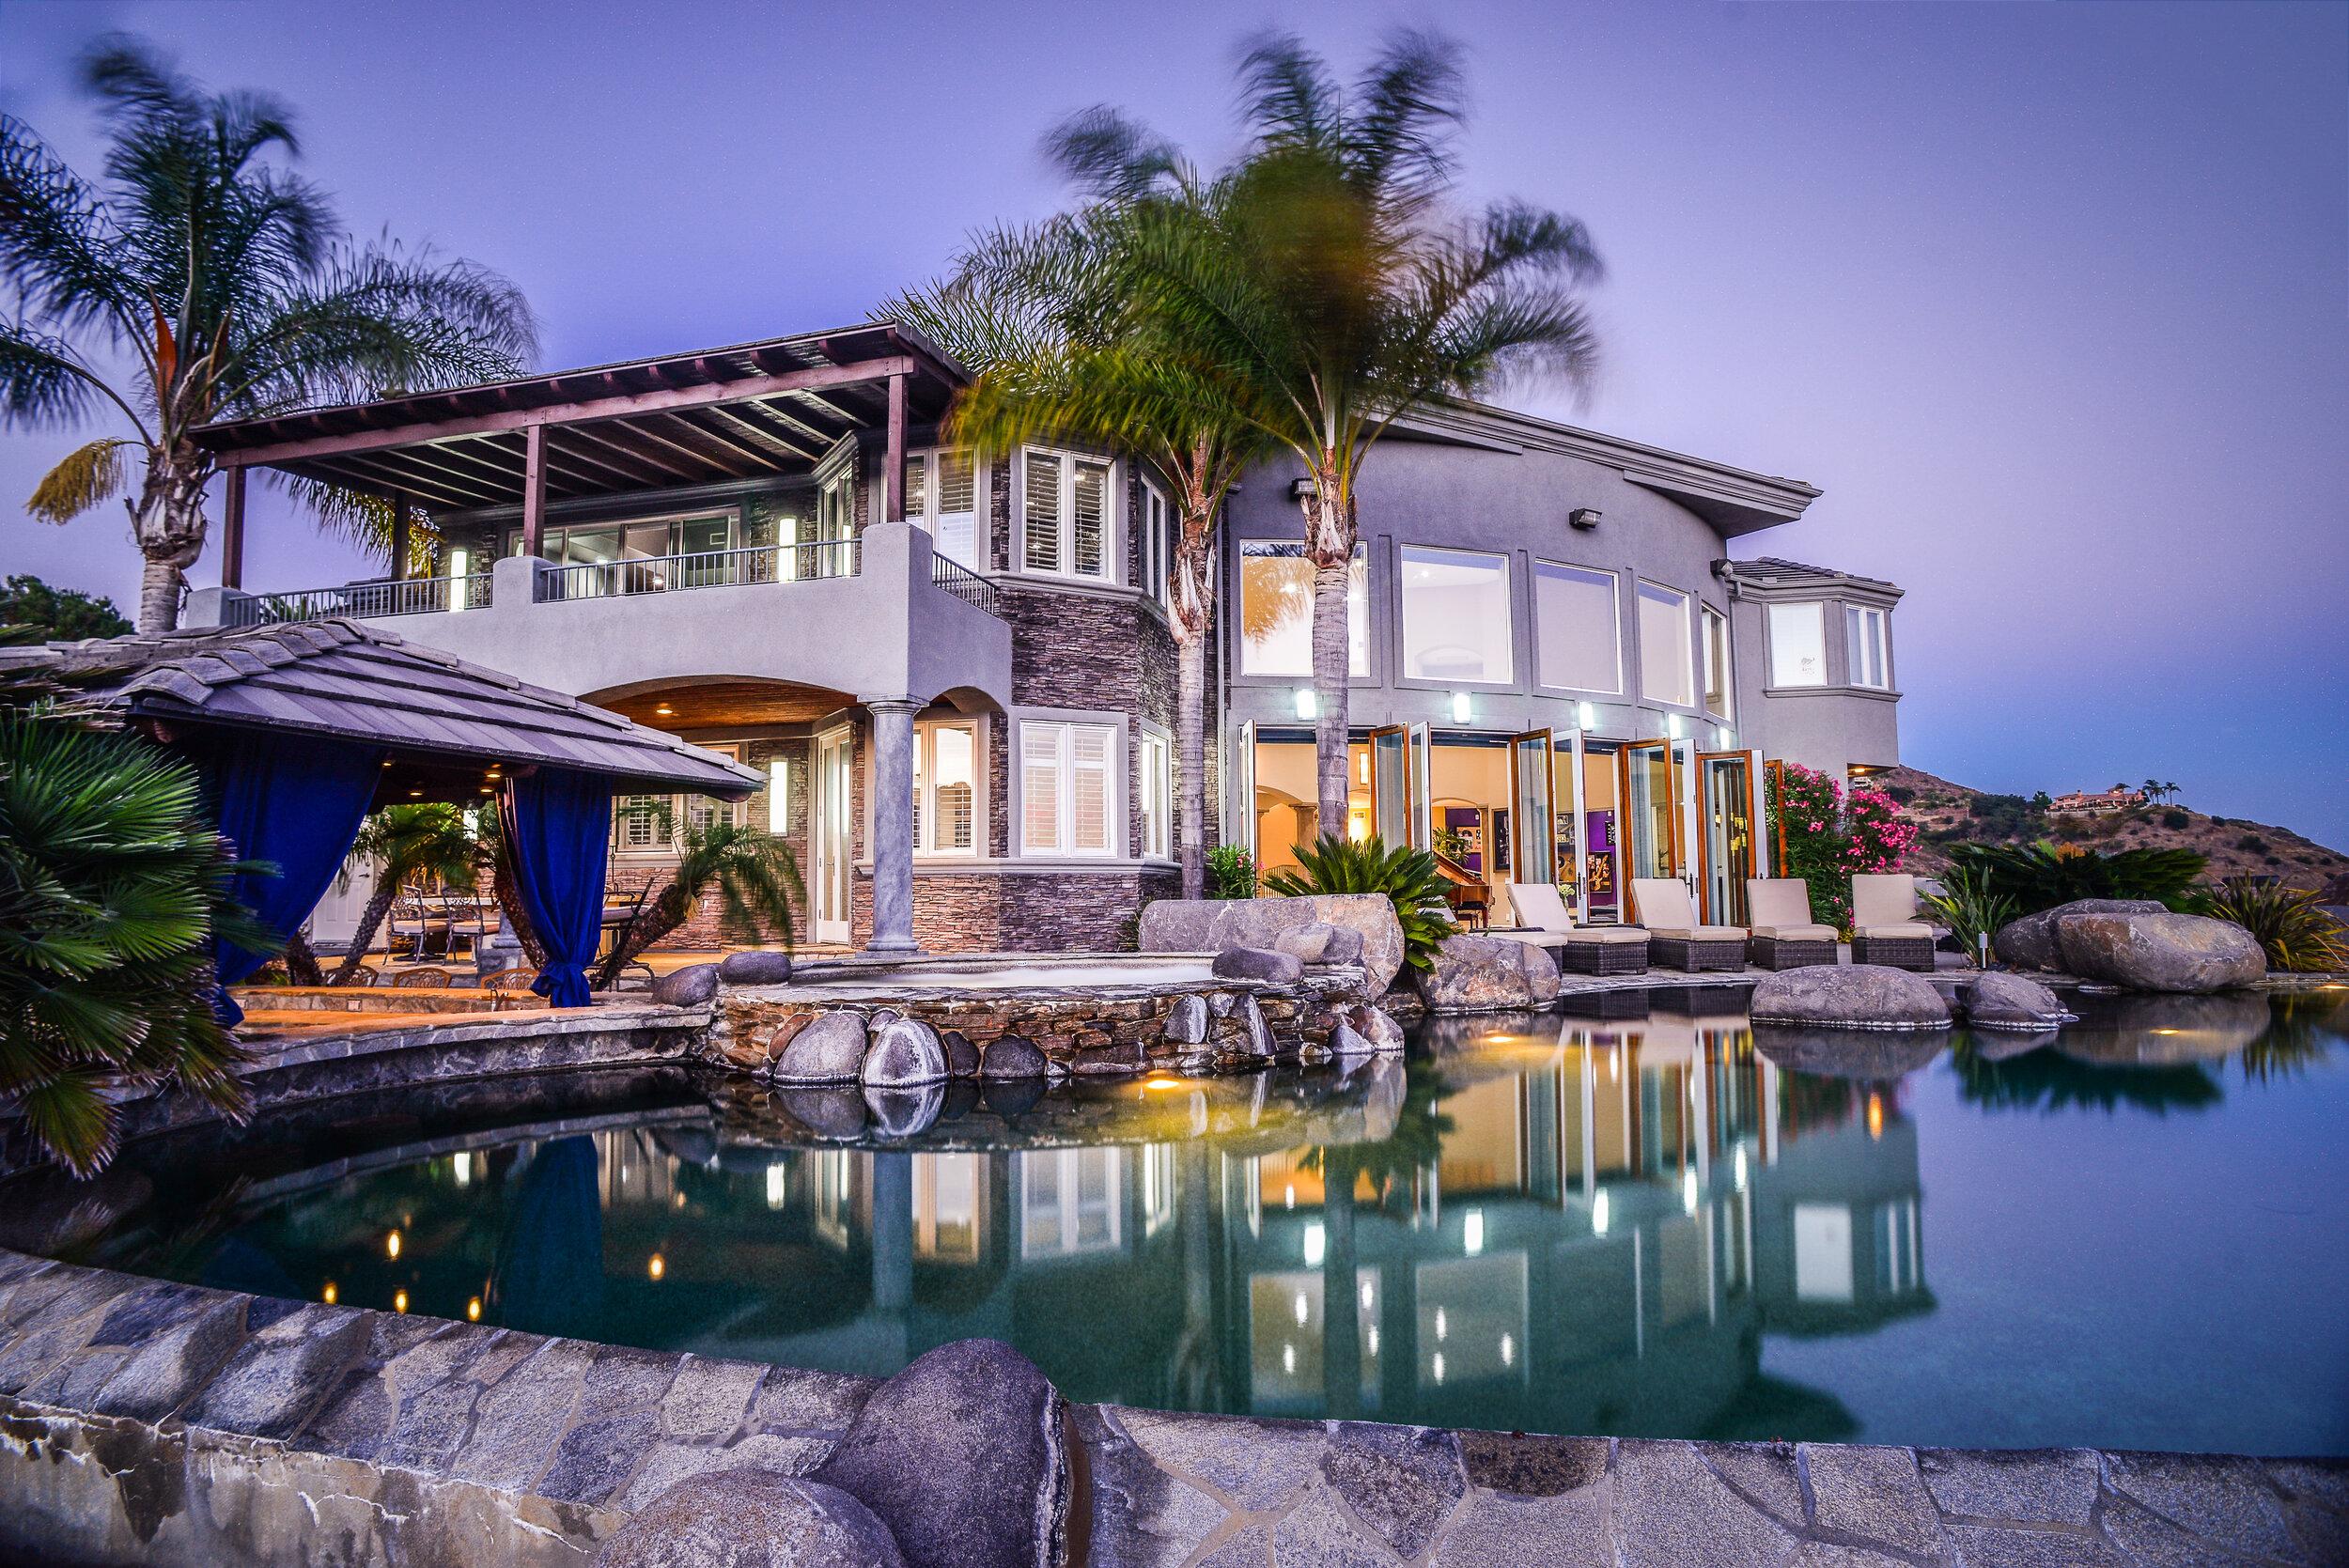 Purer Real Estate photos-22 copy 2.jpg